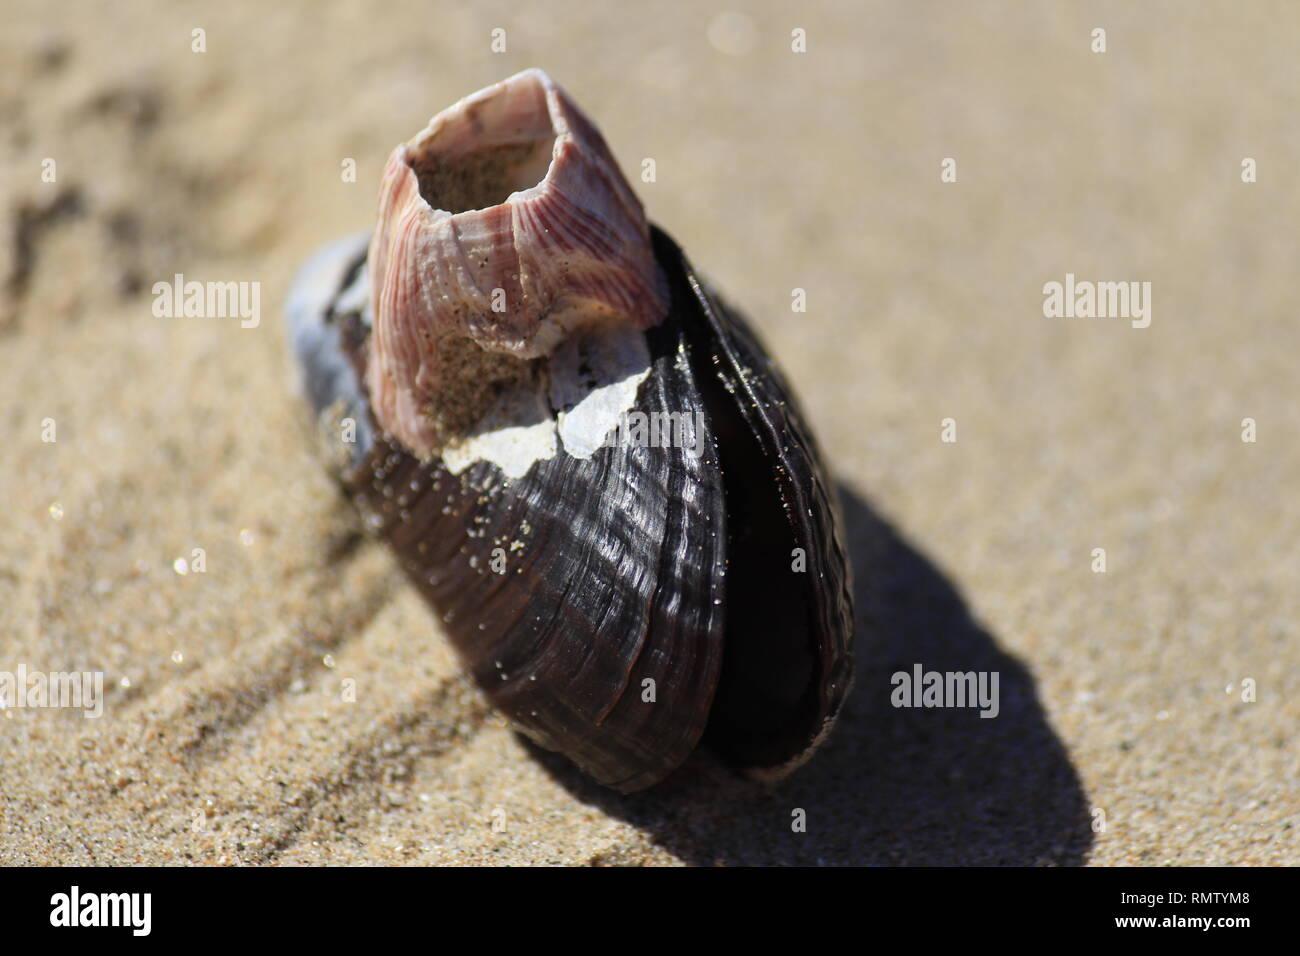 Nahaufnahme einer Muschel im Sand - Stock Image